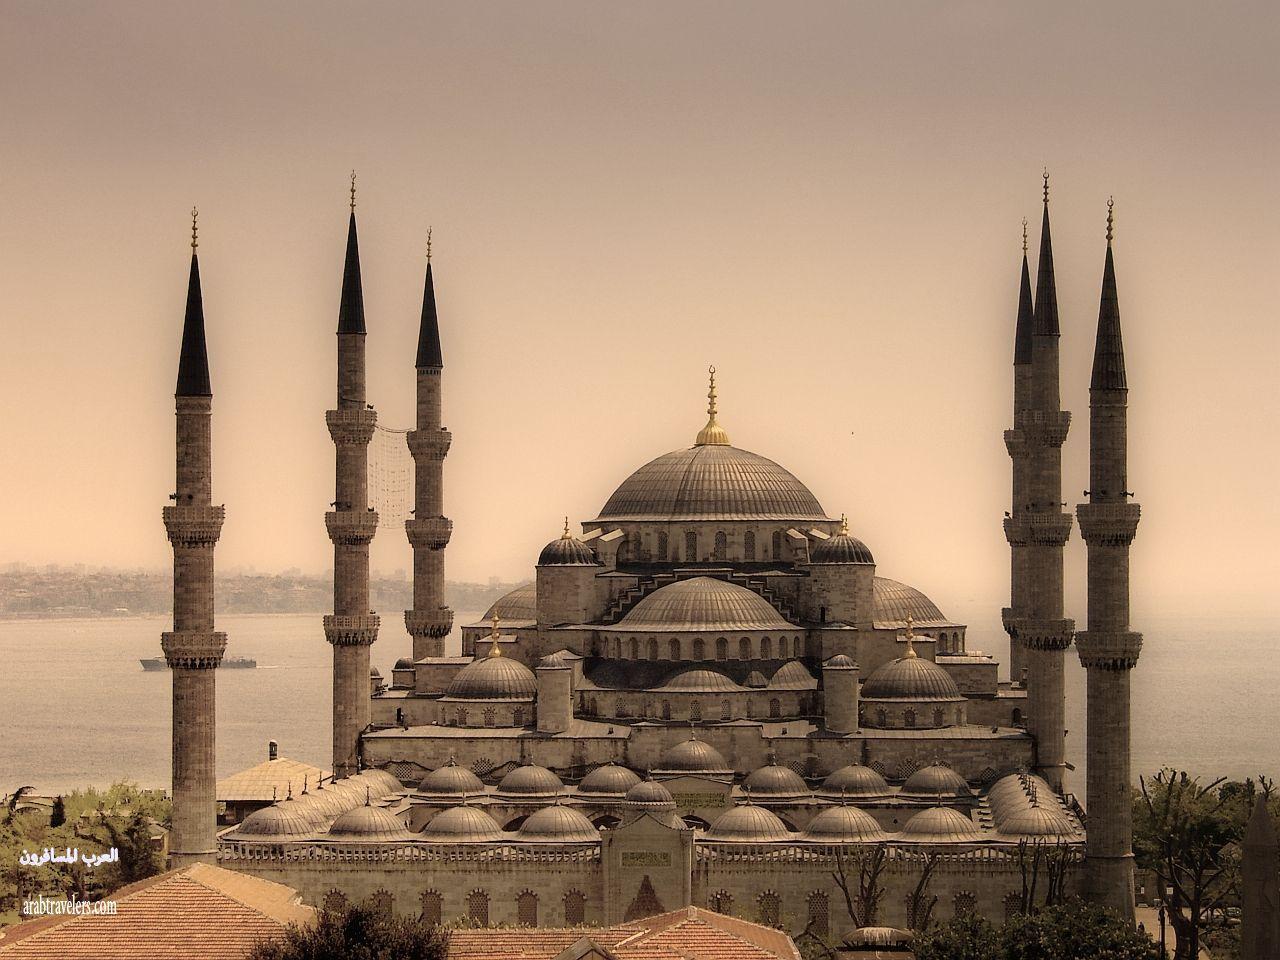 مساجد إسطنبول ذات الطراز الفني الجميل